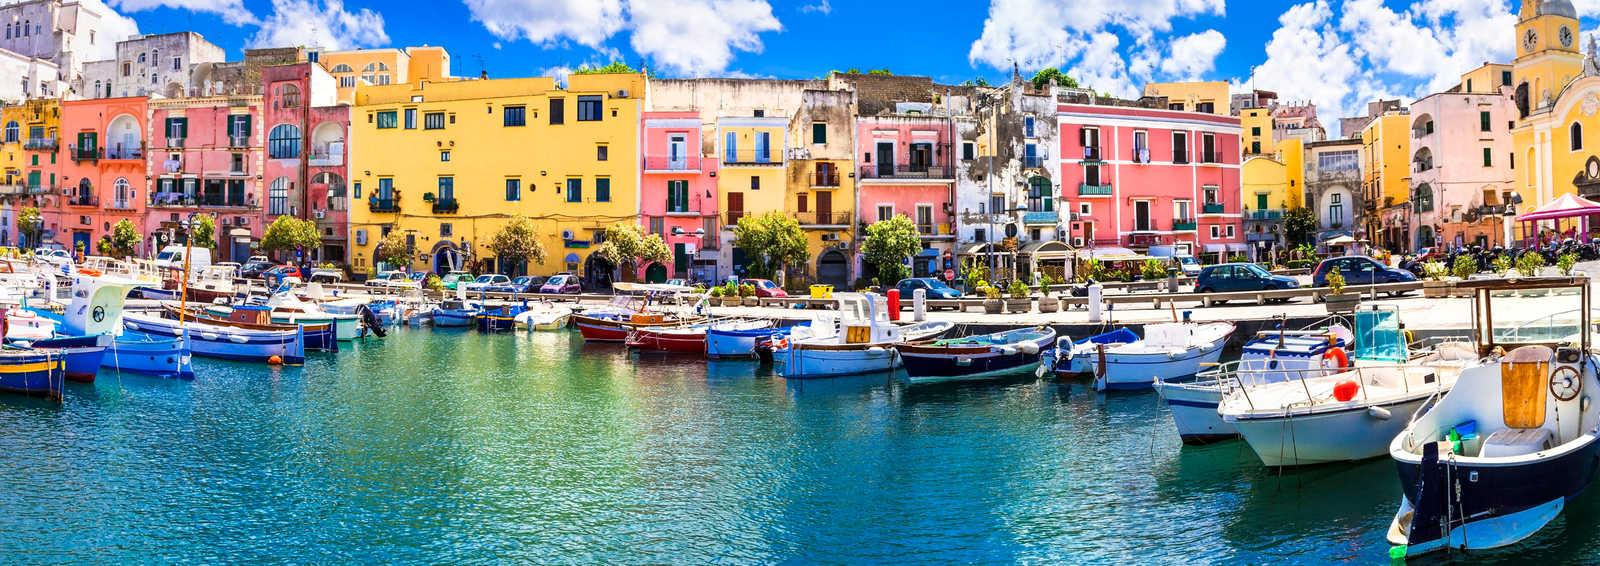 Colorful Procida Island, Campania,Italy